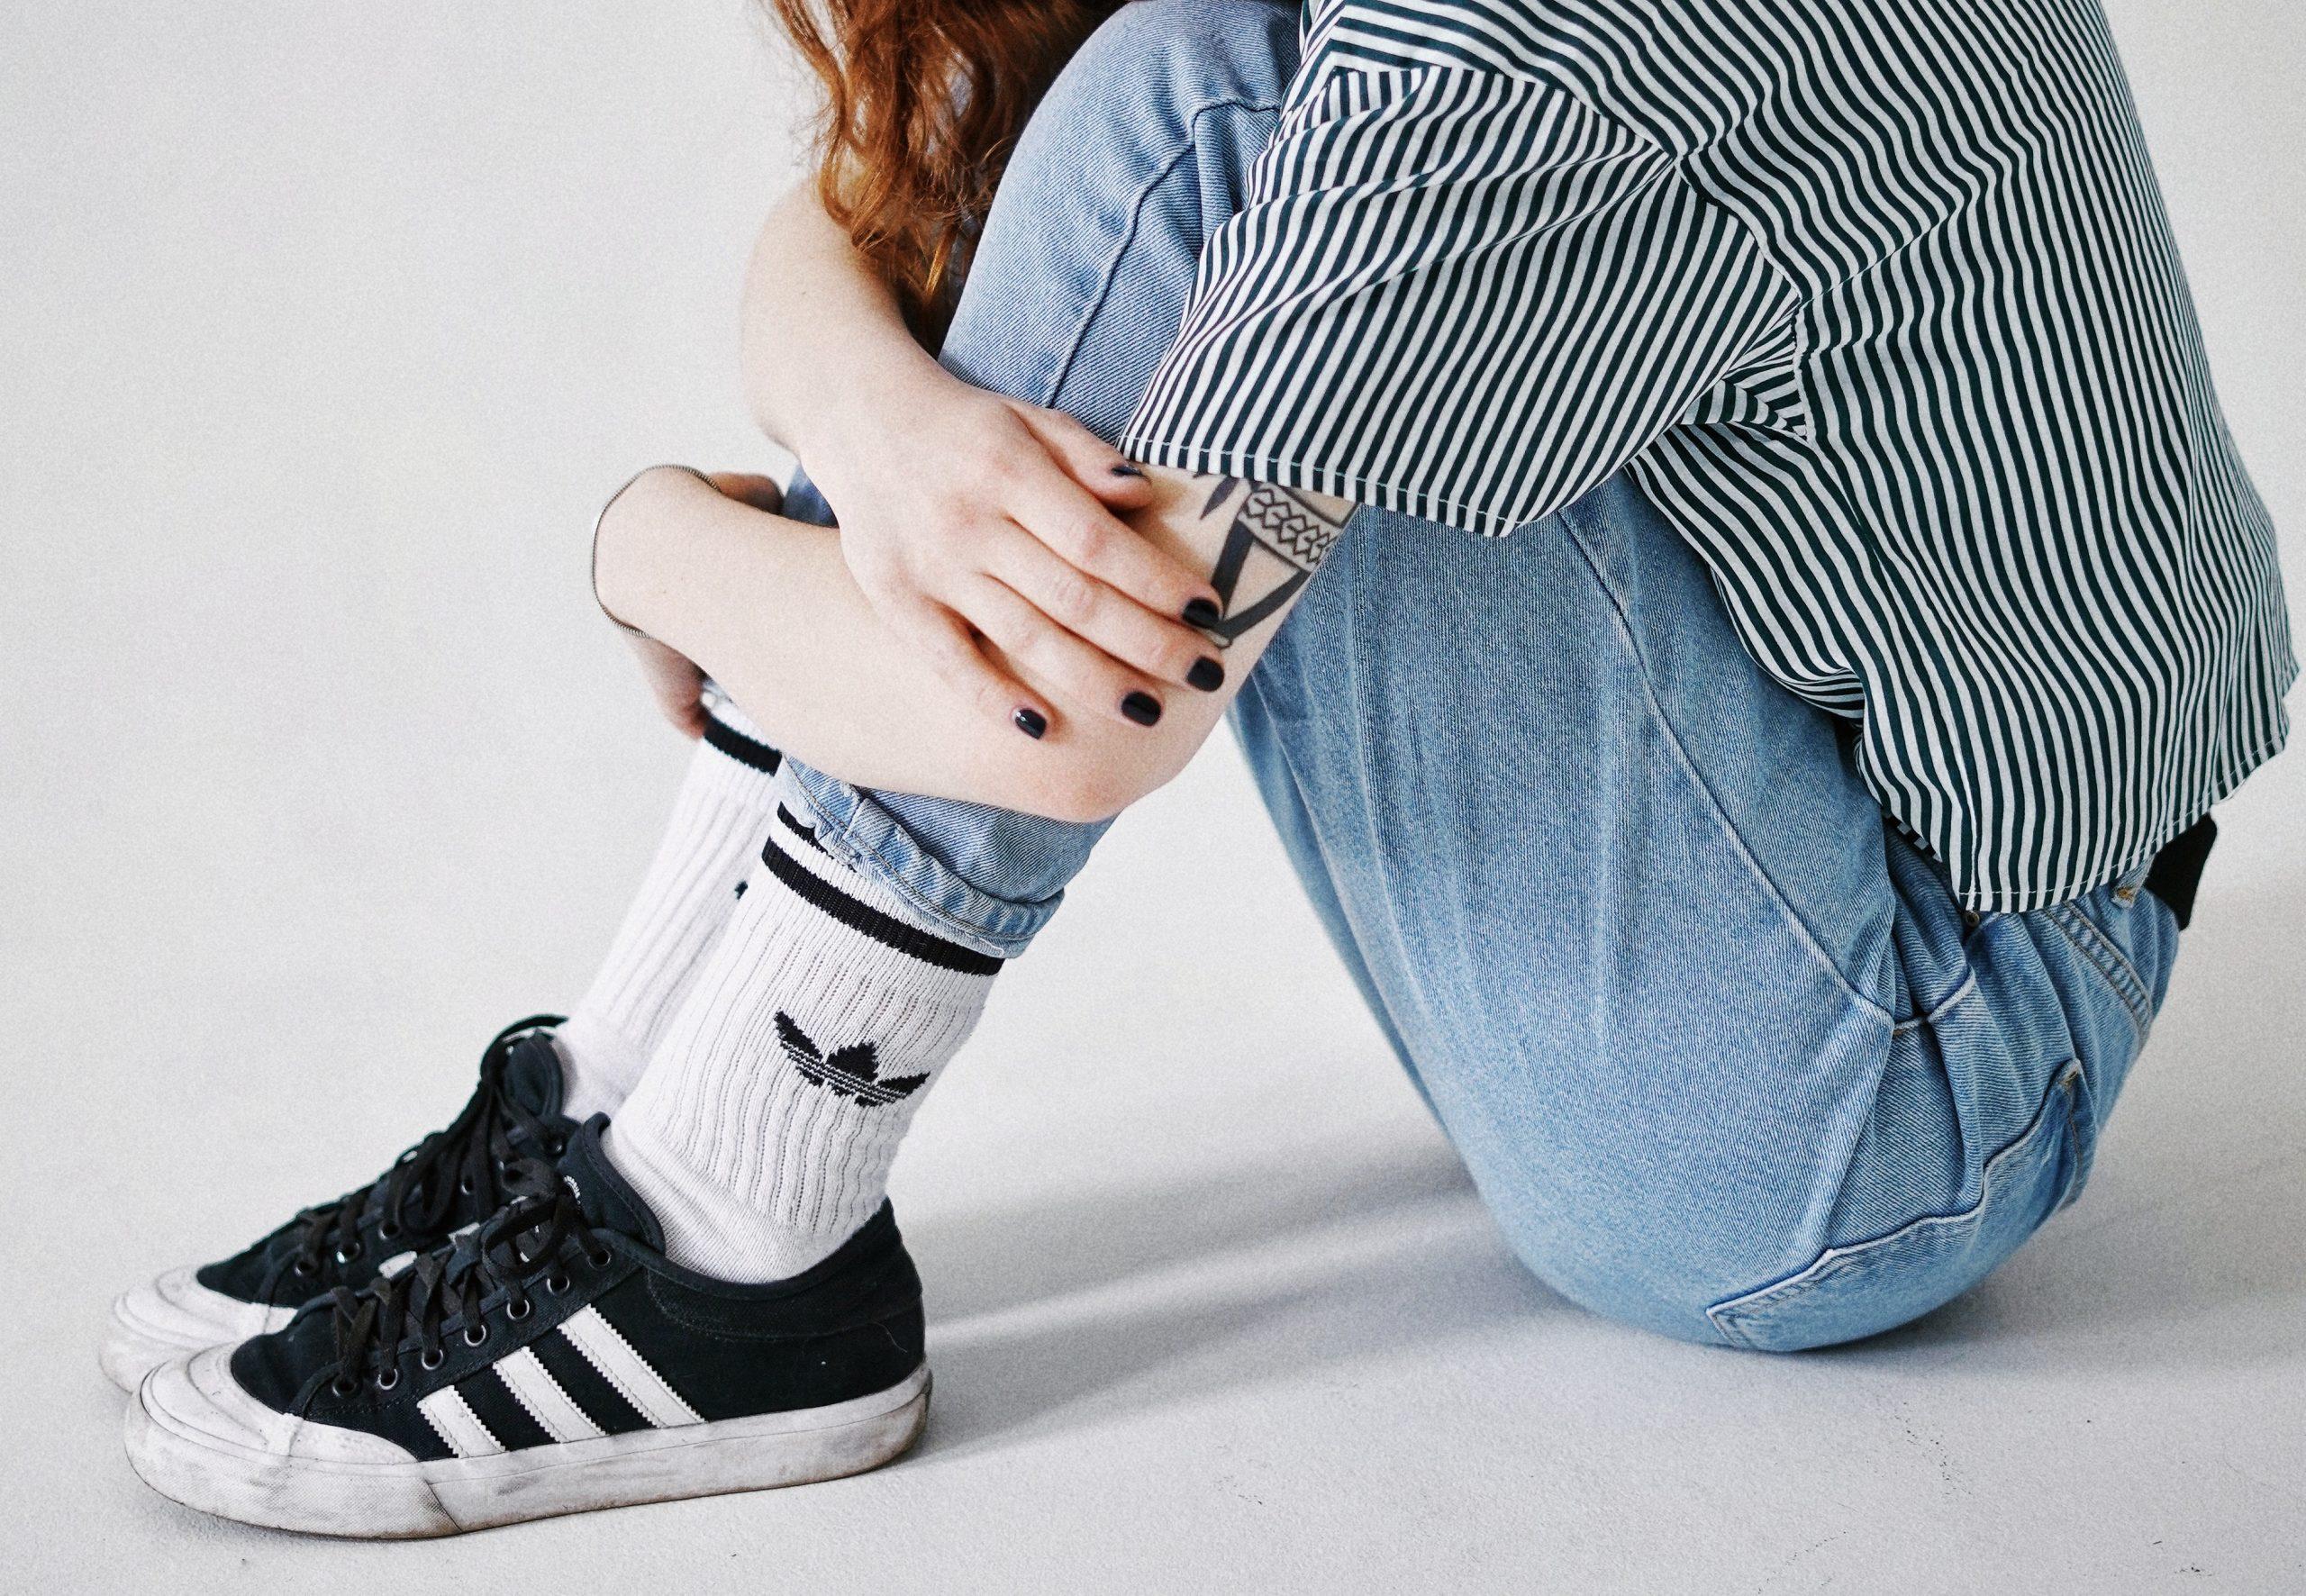 Chica usando calcetines adidas